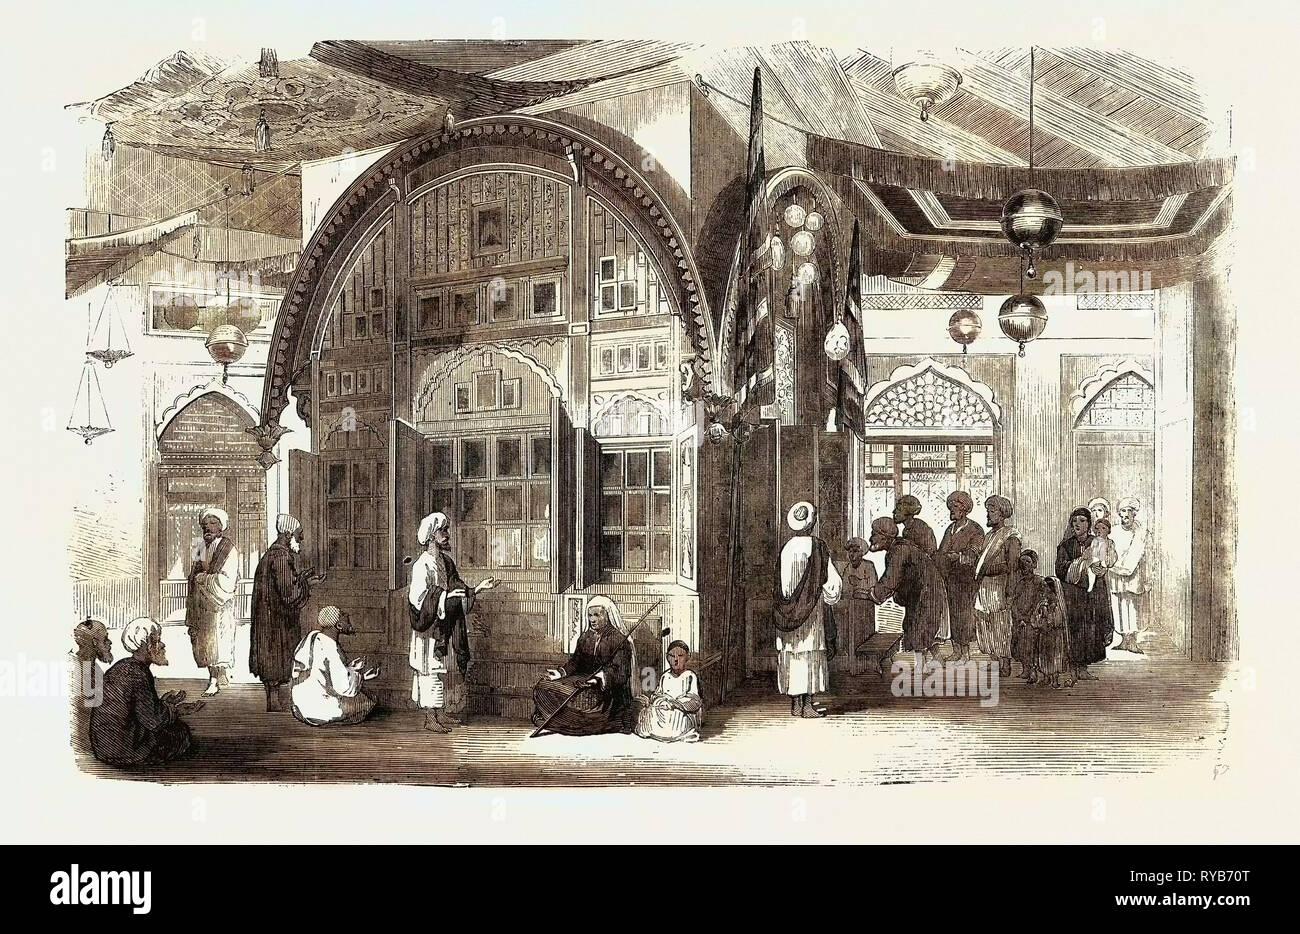 Tomba di un Mussulman, interno della tomba del padre di Sheik Imaum-Oo-Deen, fine governatore del Cashmere sotto Shere Singh, 1858 Immagini Stock